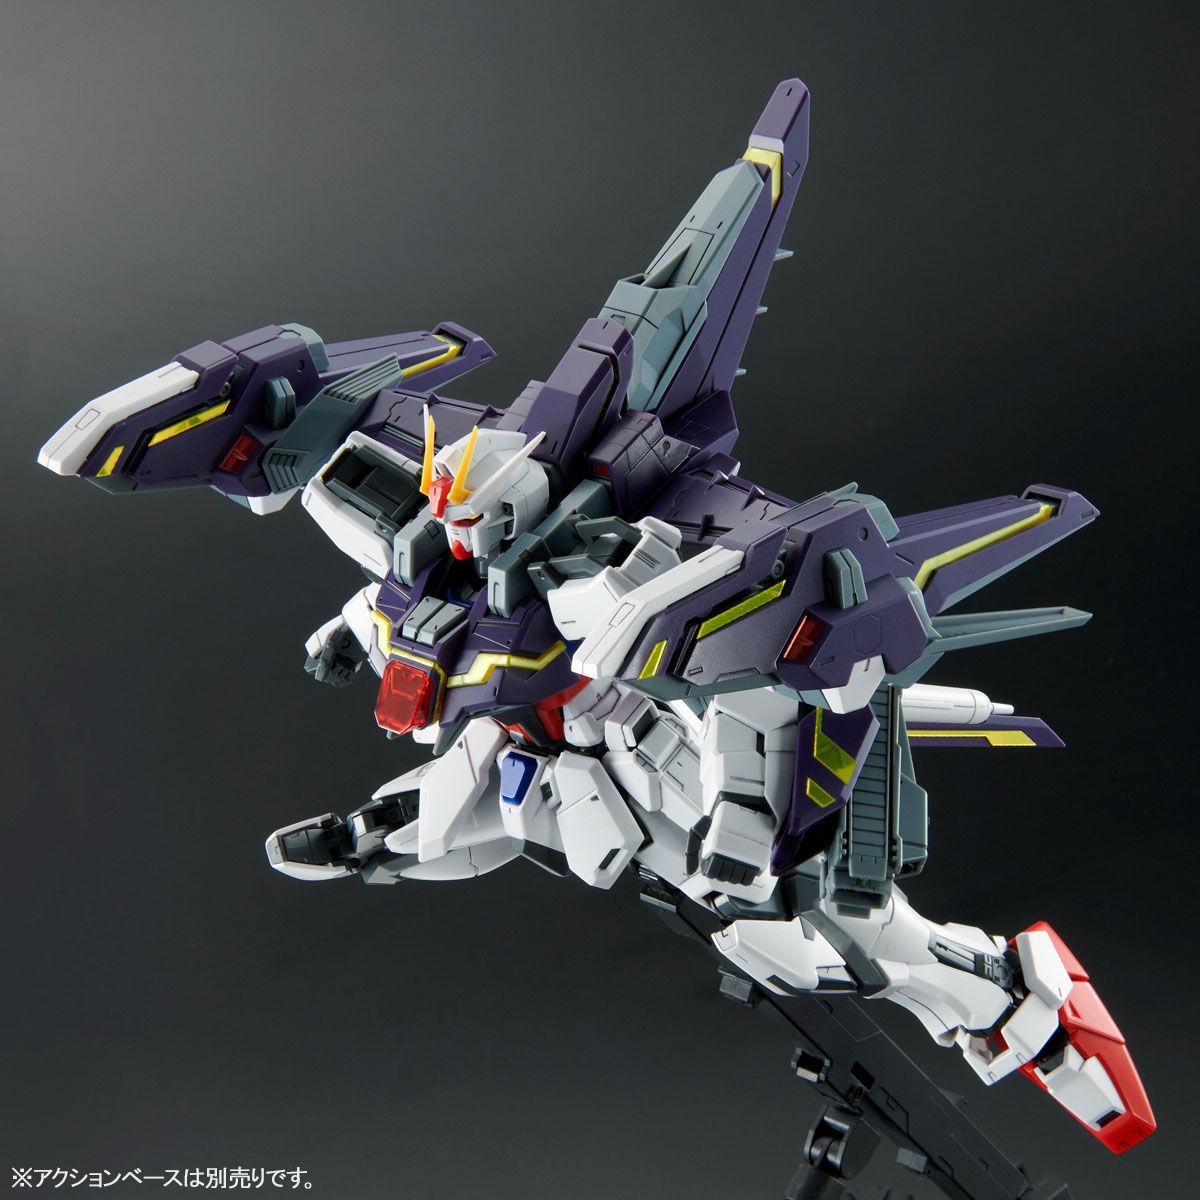 【限定販売】MG 1/100『ライトニングストライクガンダム Ver.RM』ガンダムSEED MSV プラモデル-006